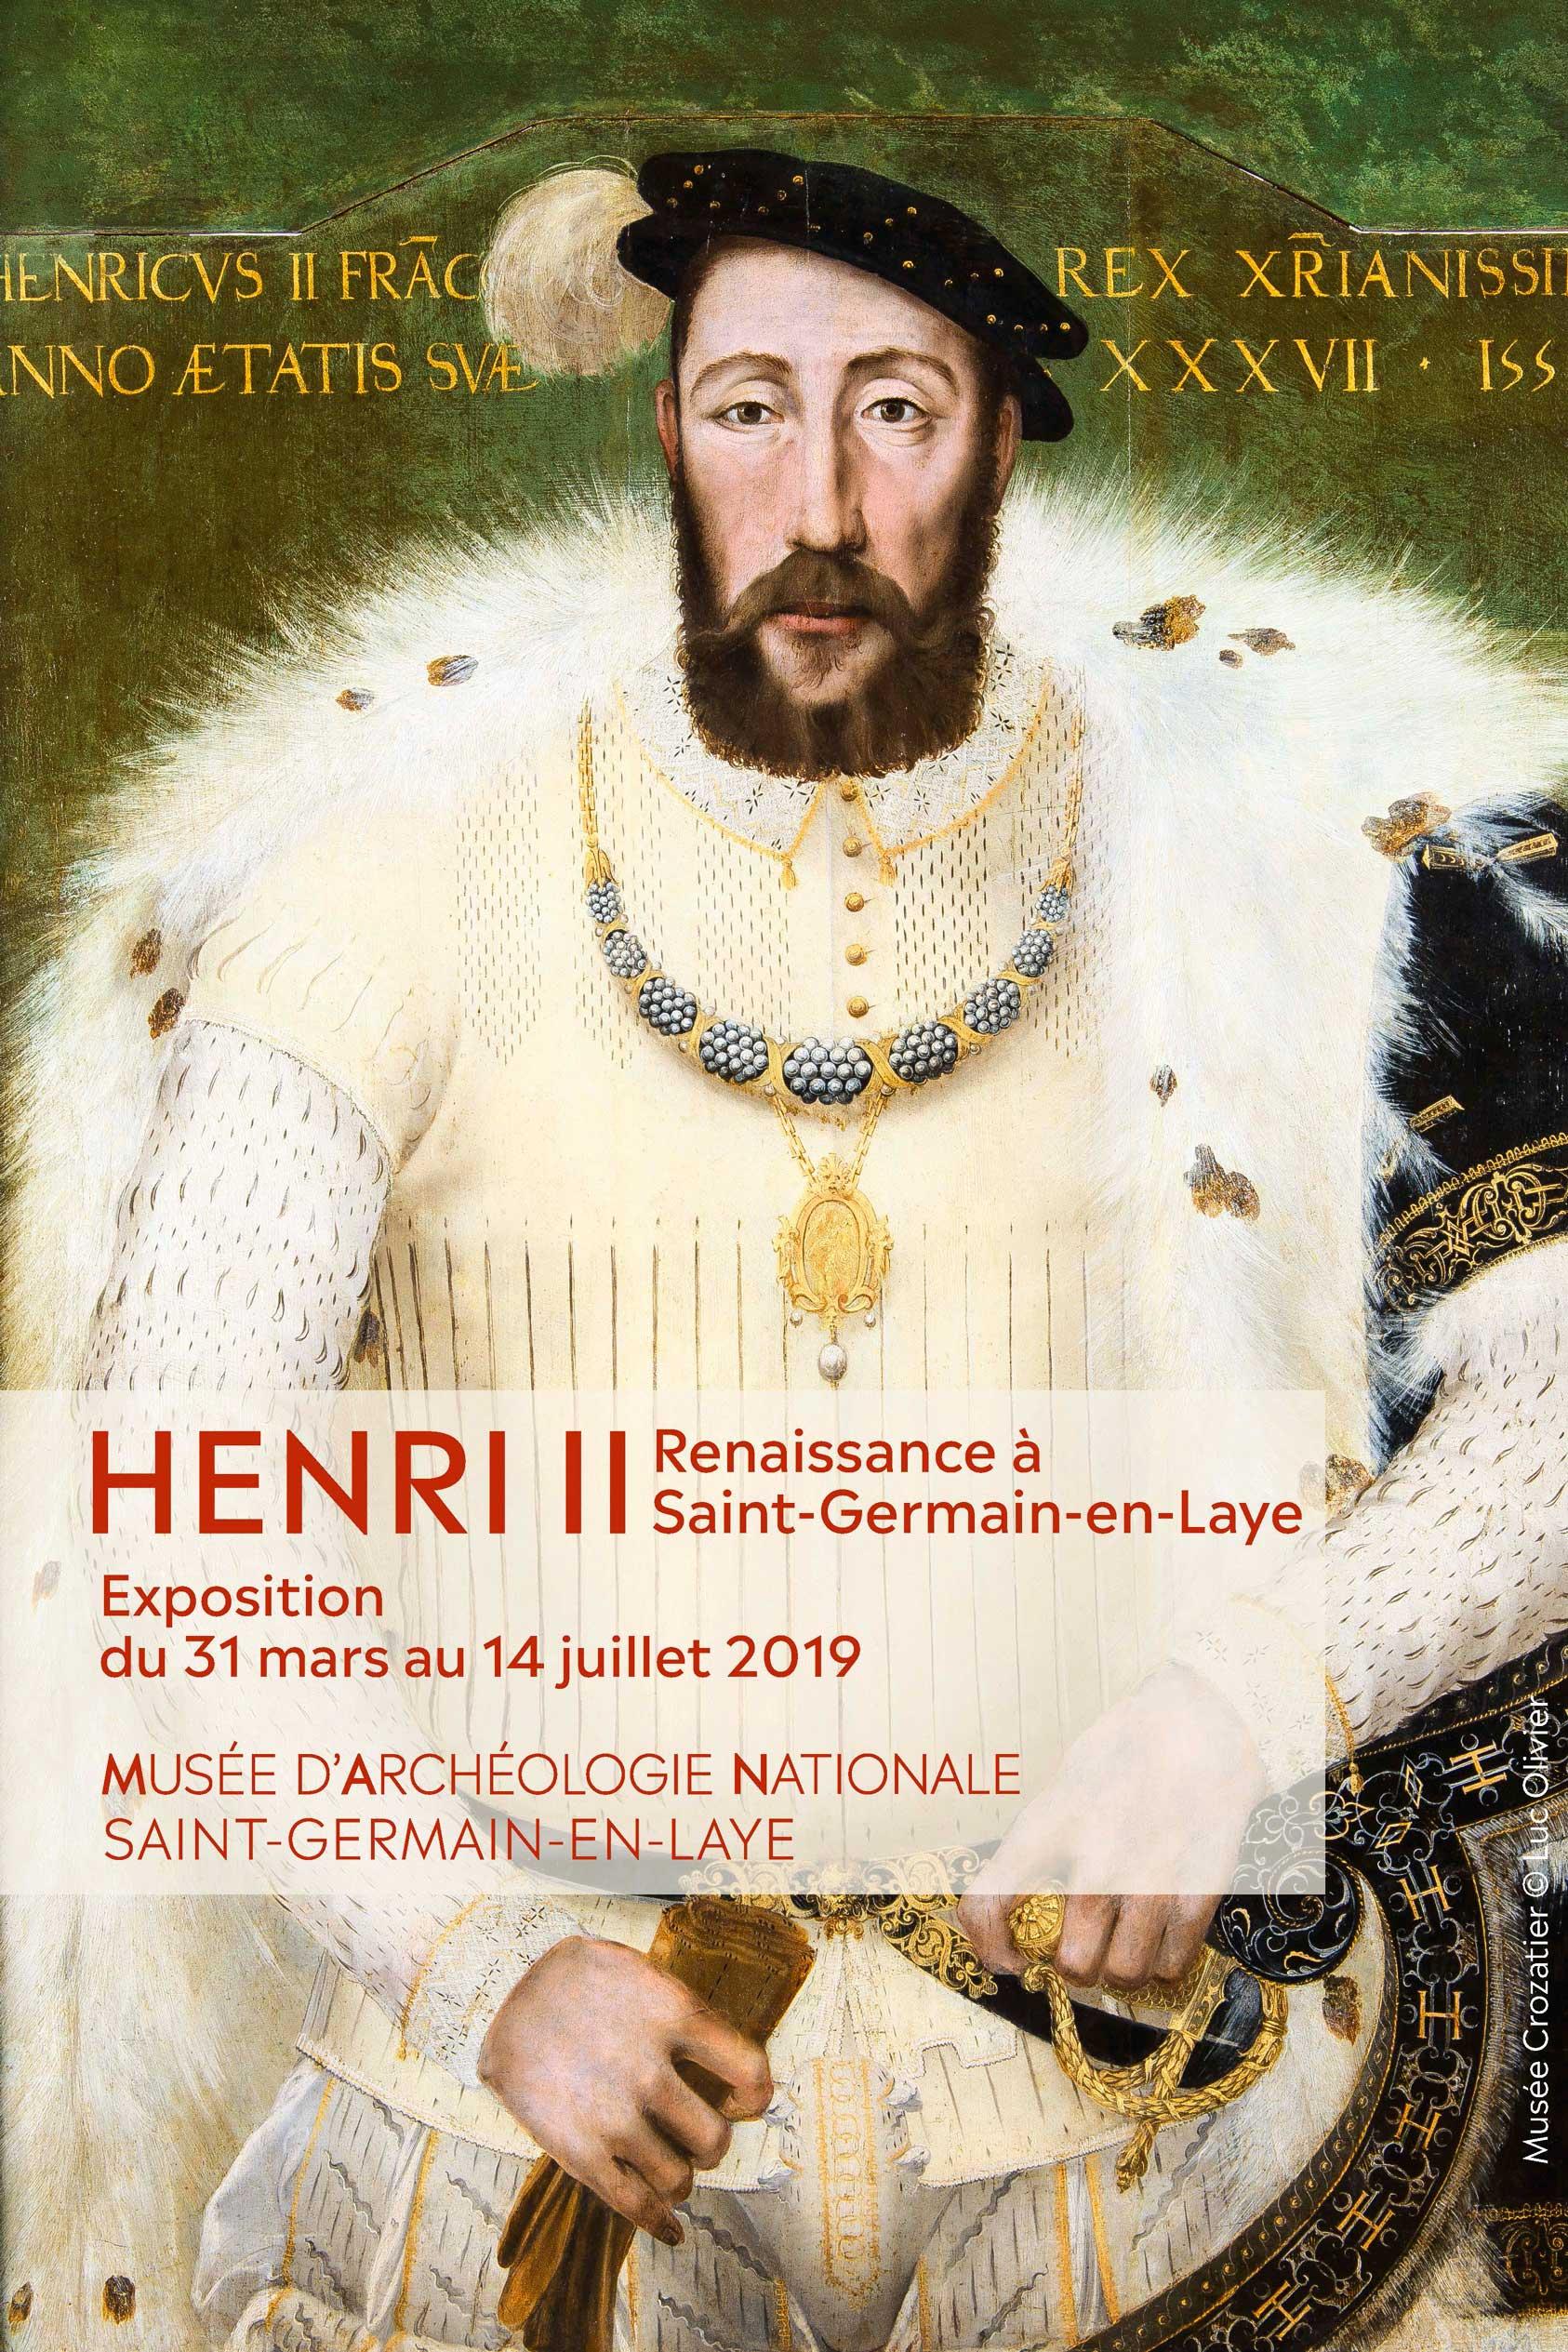 site gratuit rencontre gay meaning à Saint Germain en Laye